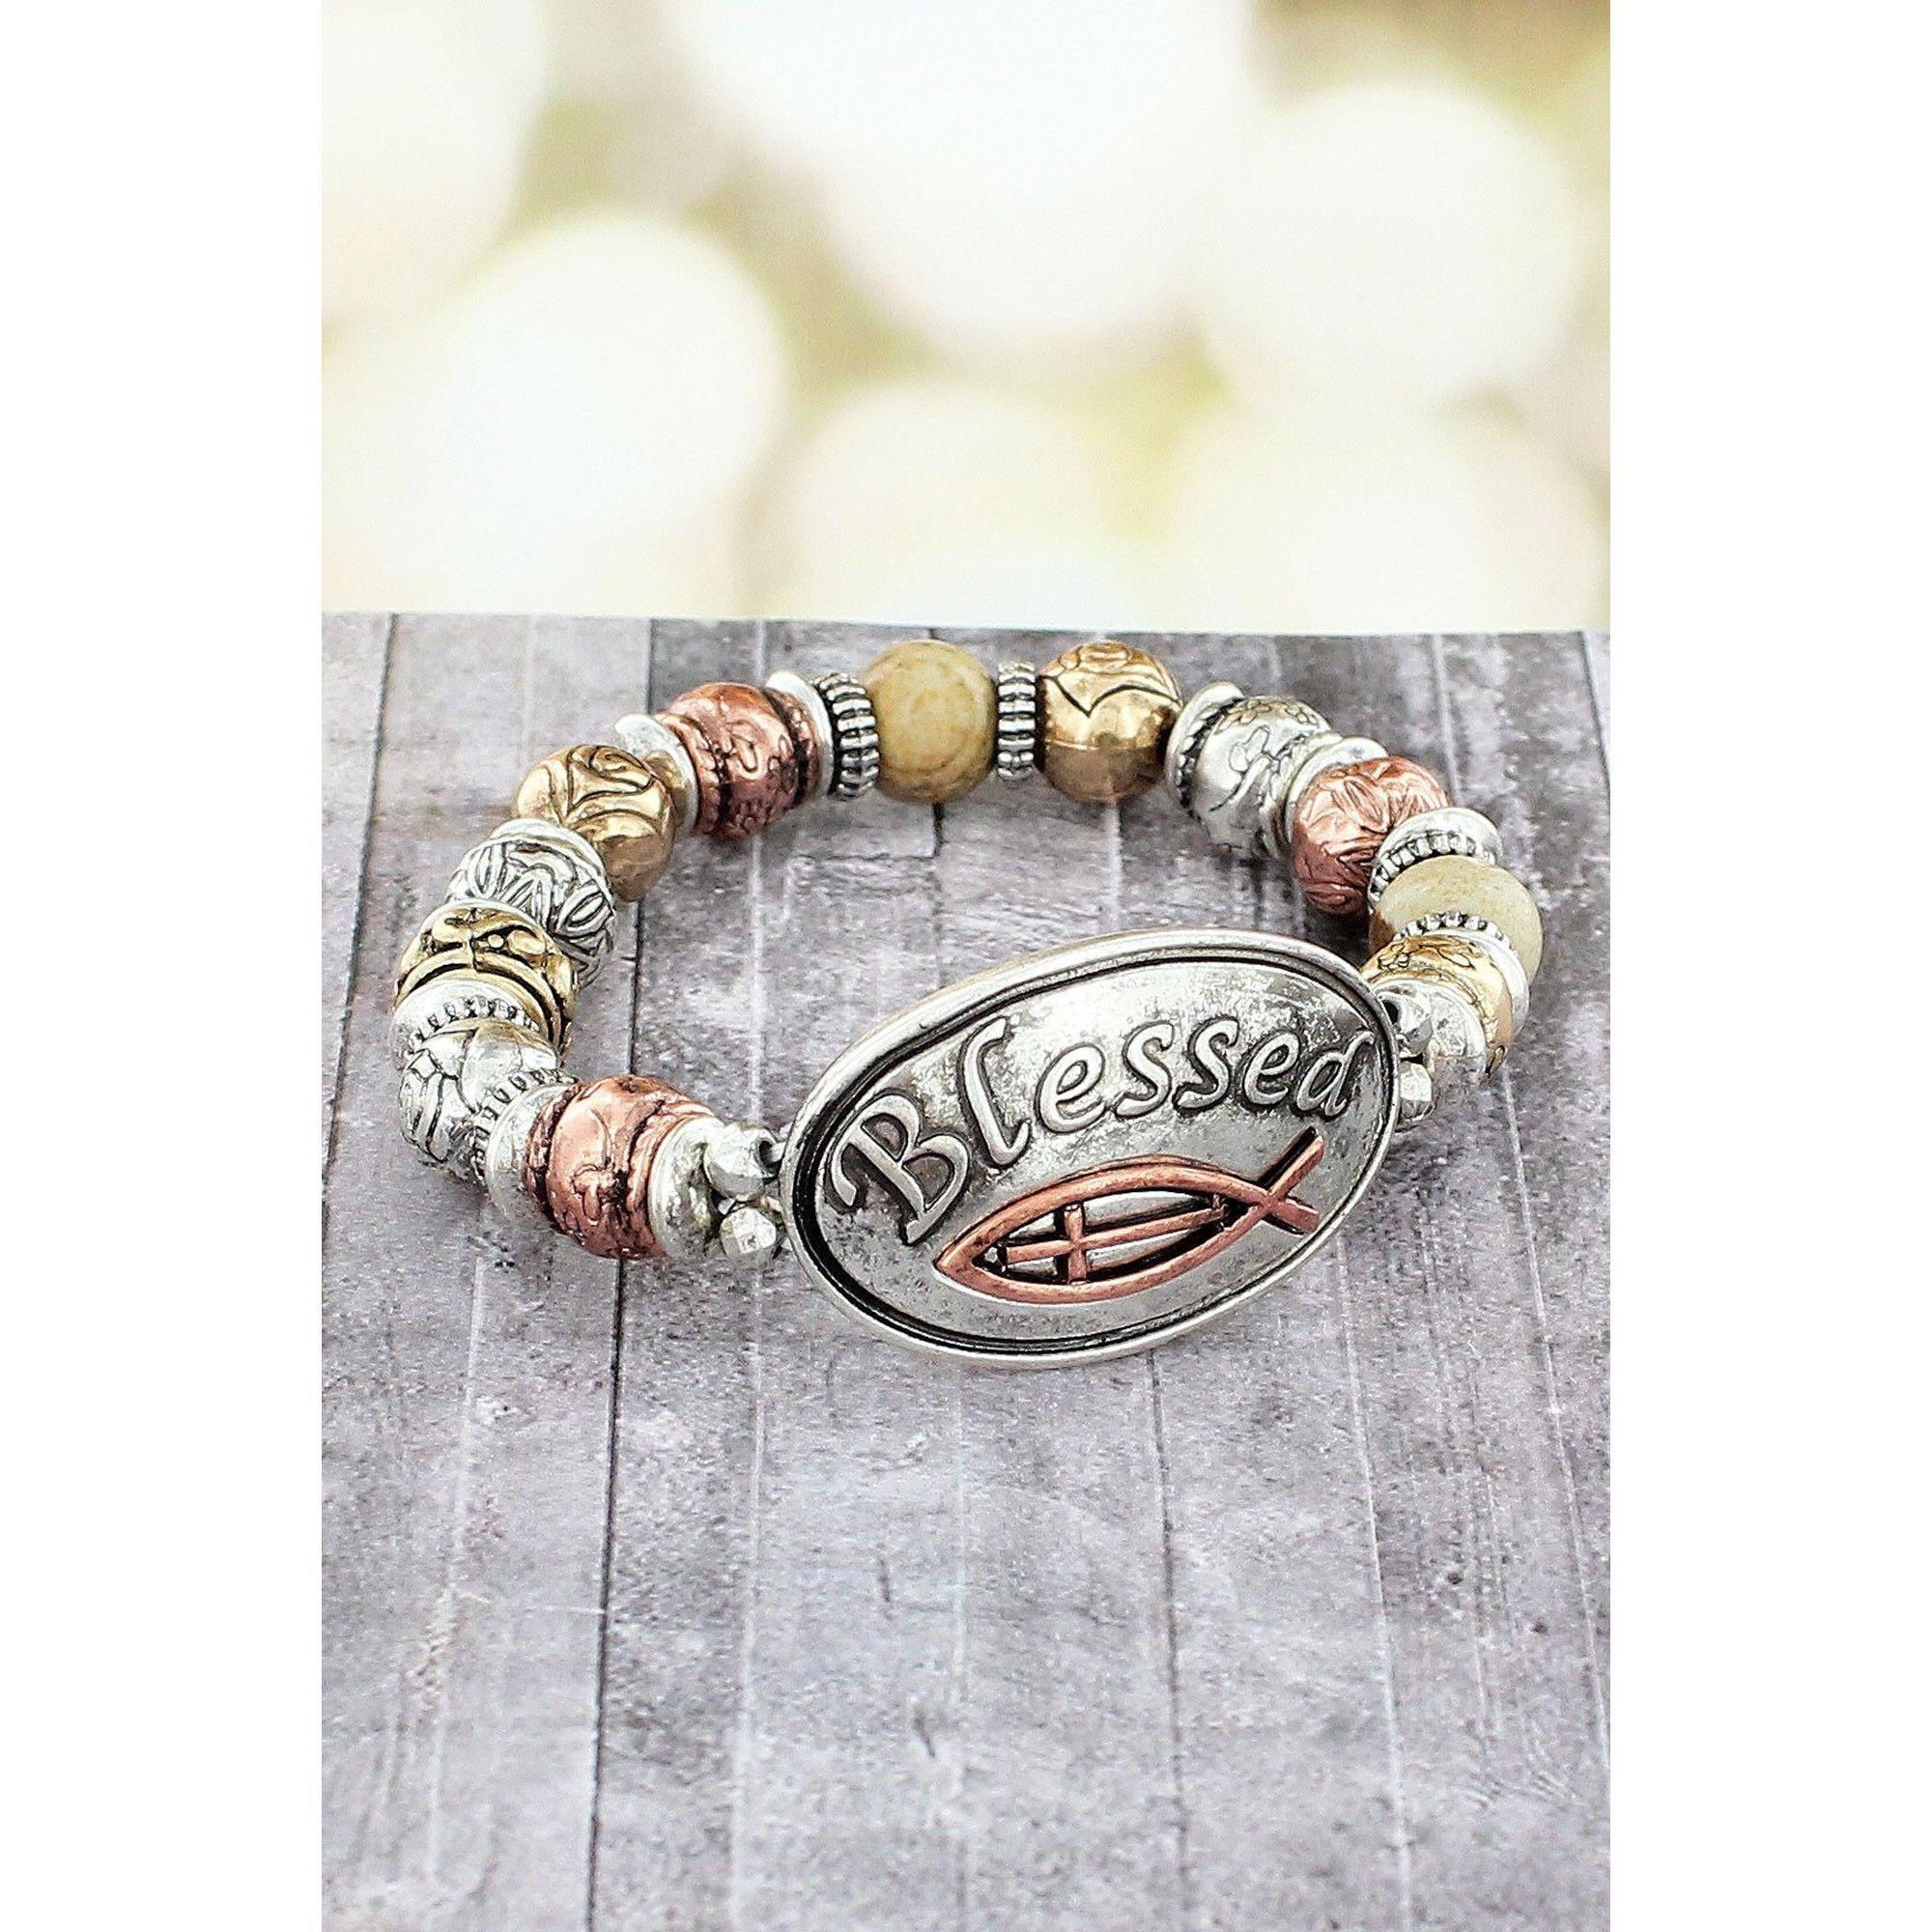 best braceleta images on pinterest prayer beads rosary beads